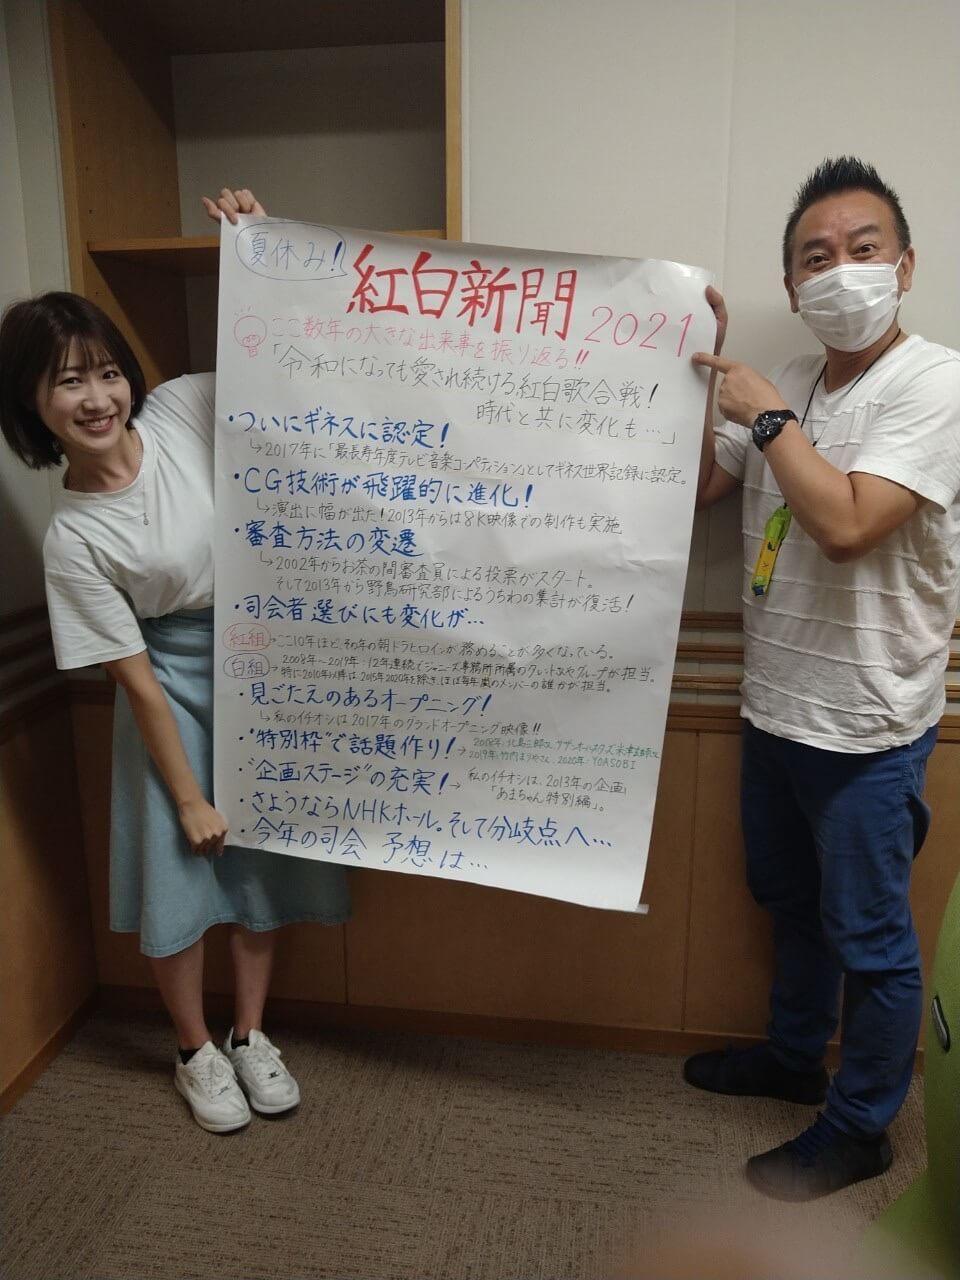 林家たい平 坂口アナの「夏休み紅白新聞」に驚き⁉